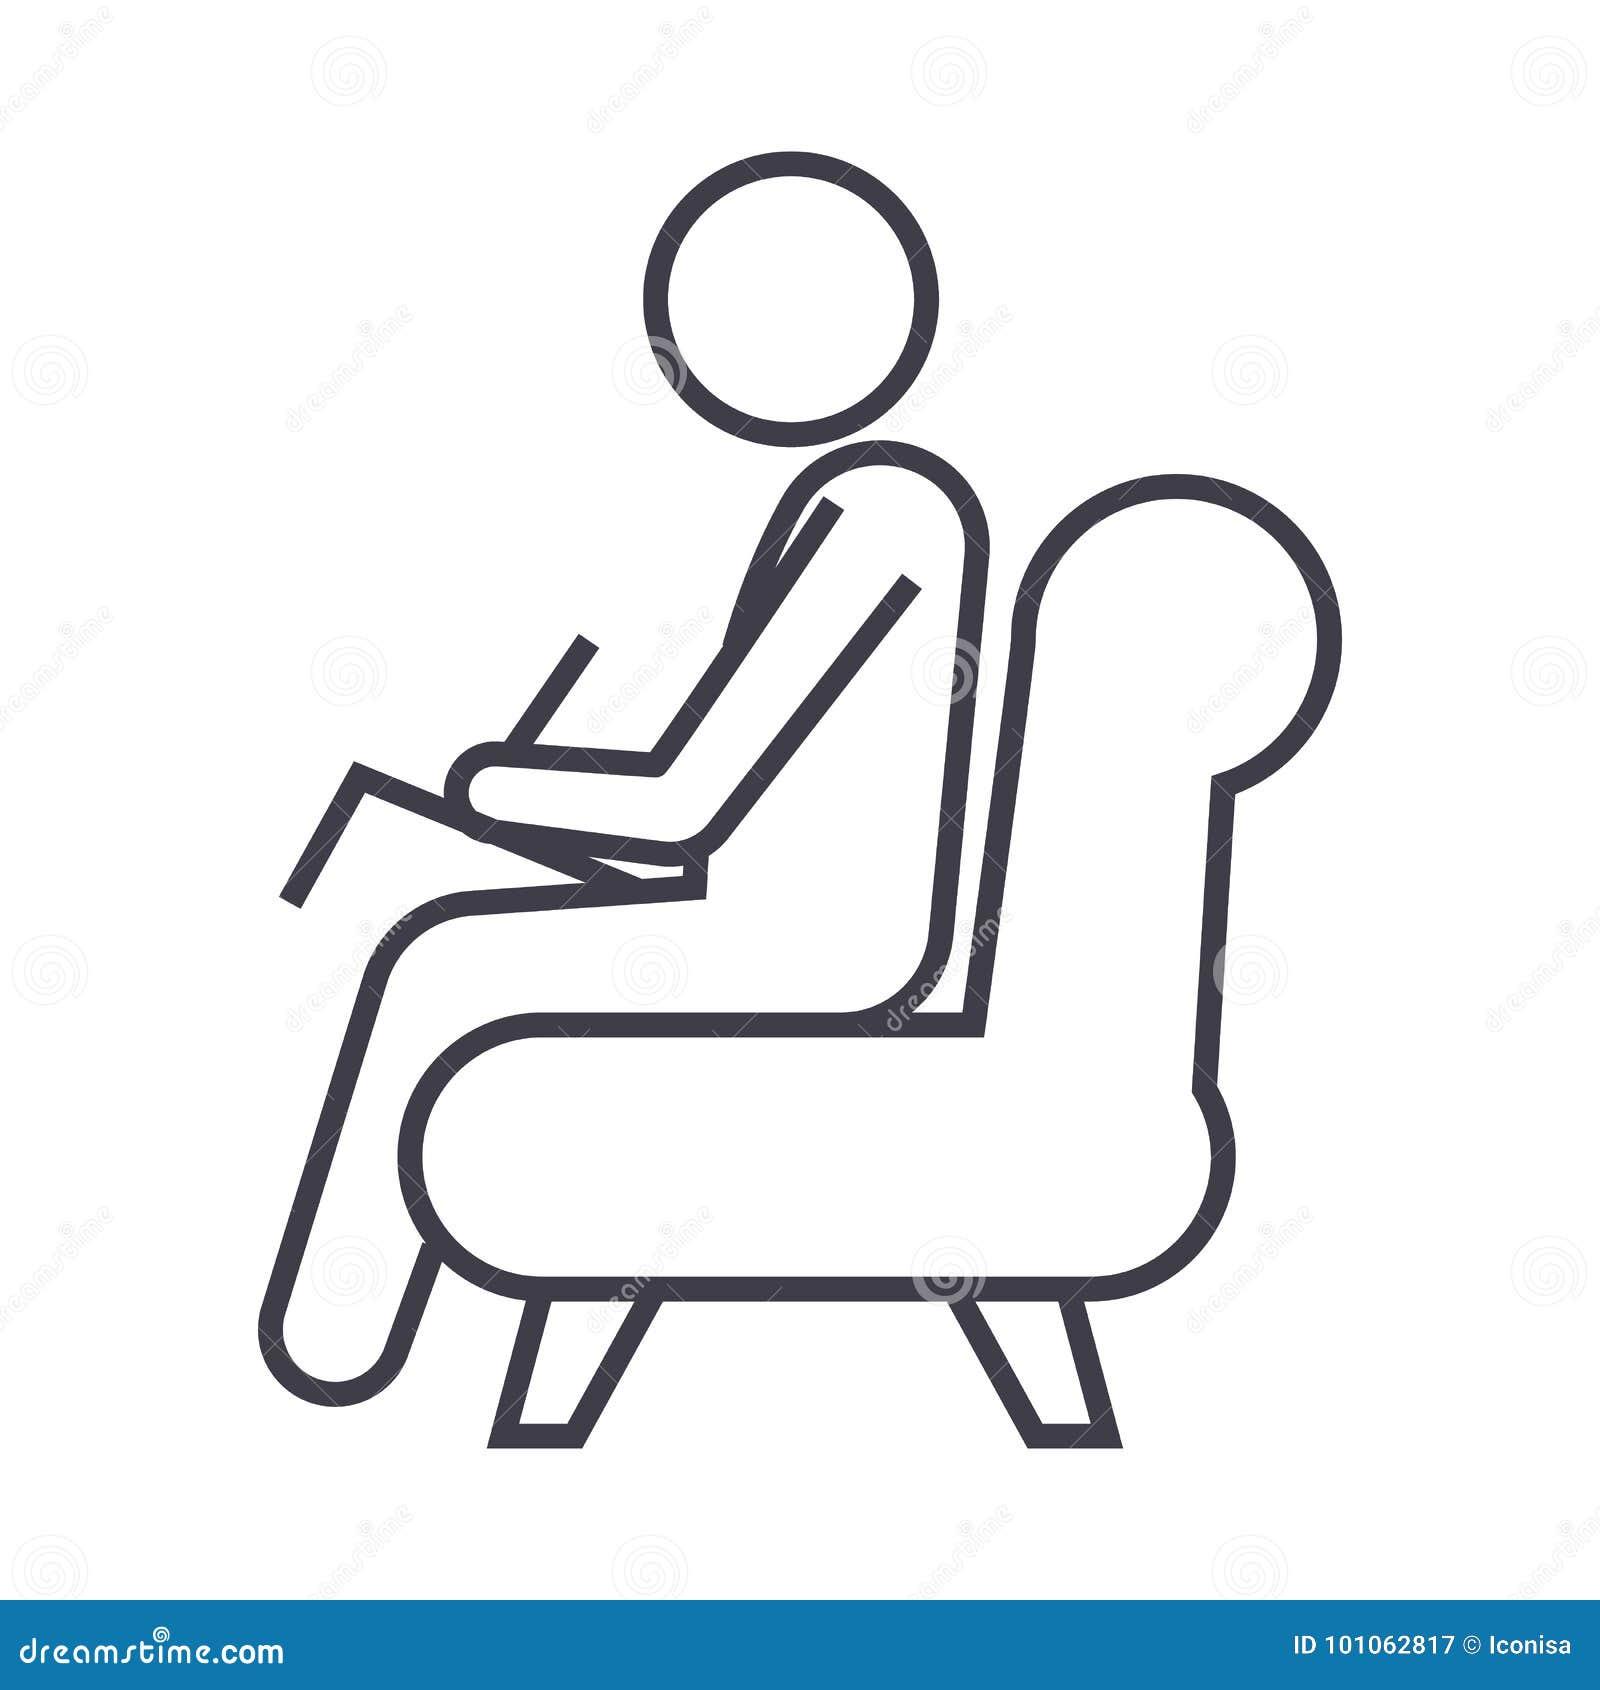 Psychologe, Beratervektorlinie Ikone, Zeichen, Illustration auf Hintergrund, editable Anschläge